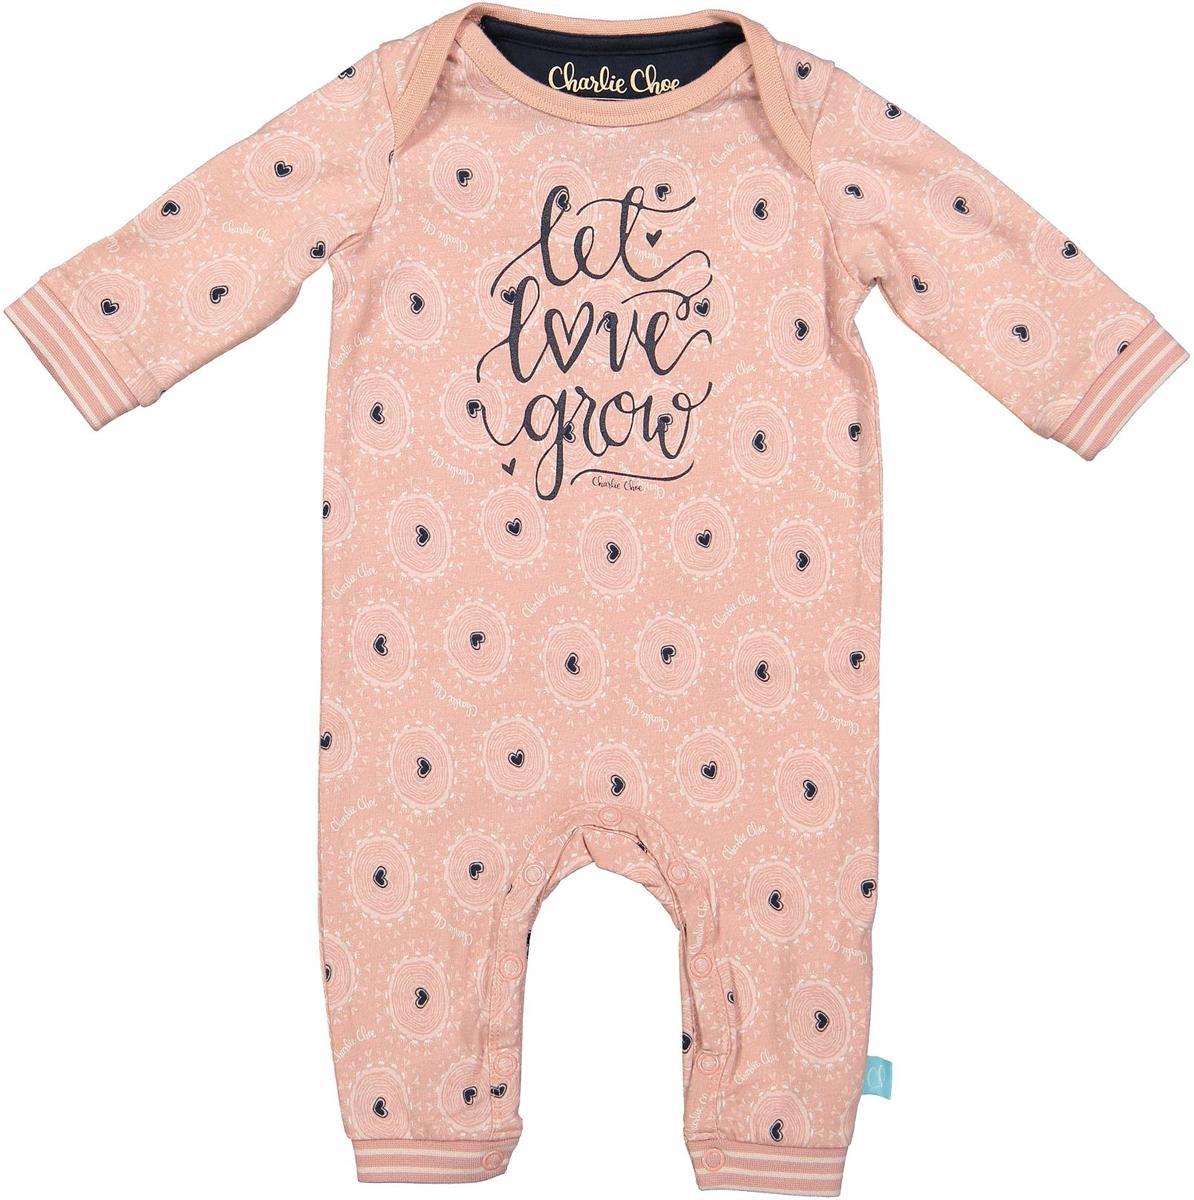 Babykleding Meisje Maat 62.Charlie Choe Pyama Meisje Baby Jumpsuit Tree Of Love Roze Maat 62